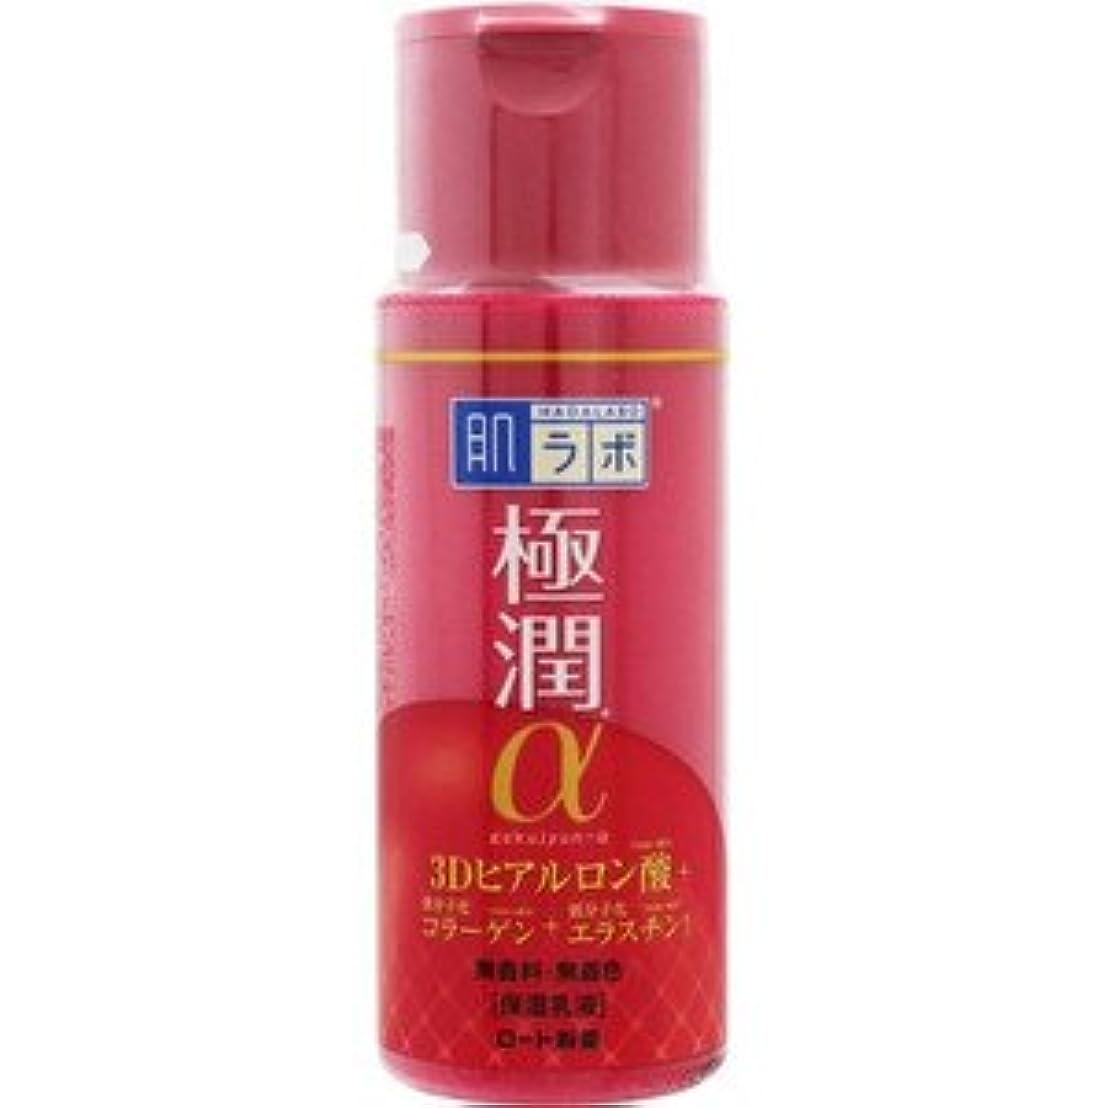 机伝統的ホーン(ロート製薬)肌ラボ極潤α 3Dヒアルロン酸保湿乳液 140ml(お買い得3個セット)